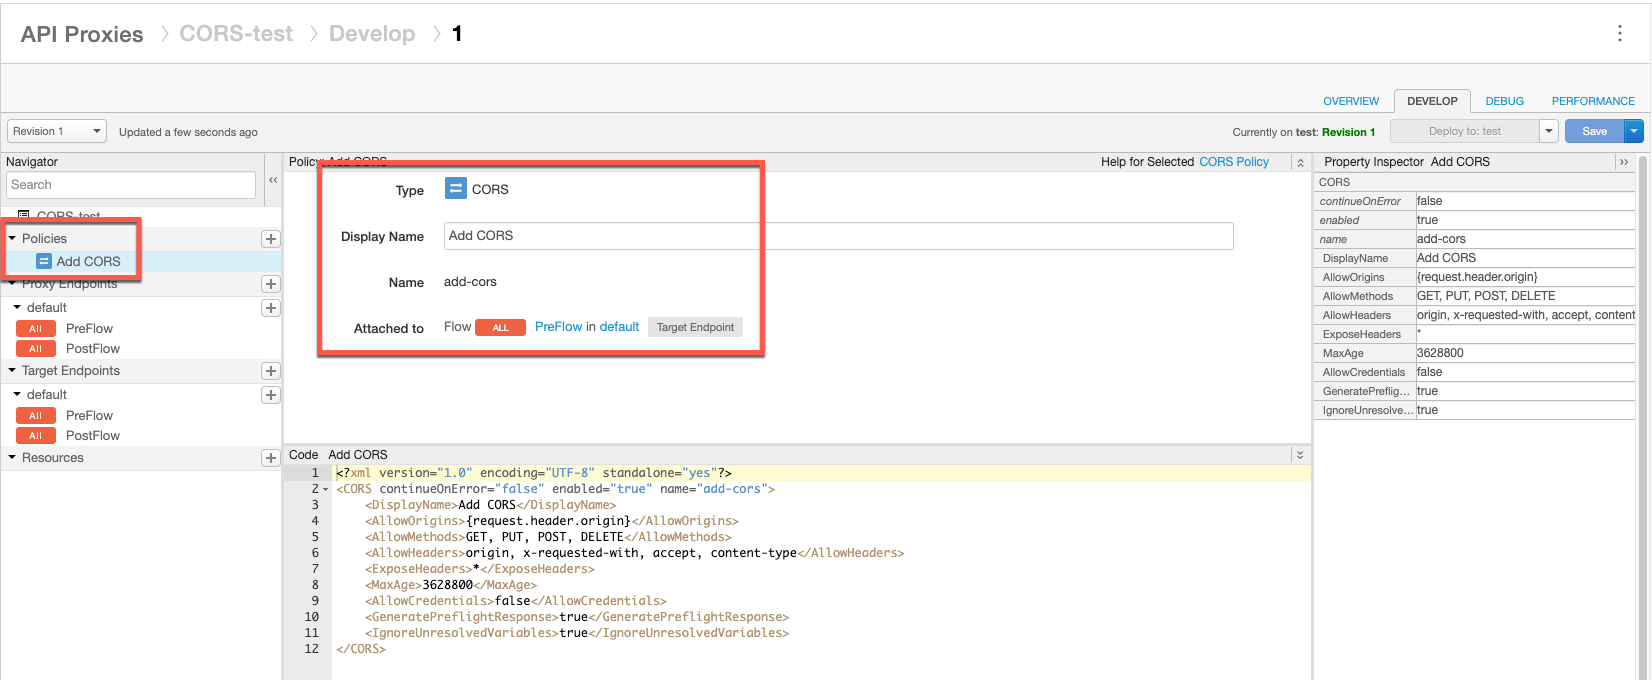 """Política """"Adicionar CORS"""" adicionada ao navegador em """"Políticas"""" e anexada ao pré-fluxo de resposta do TargetEndpoint à direita"""